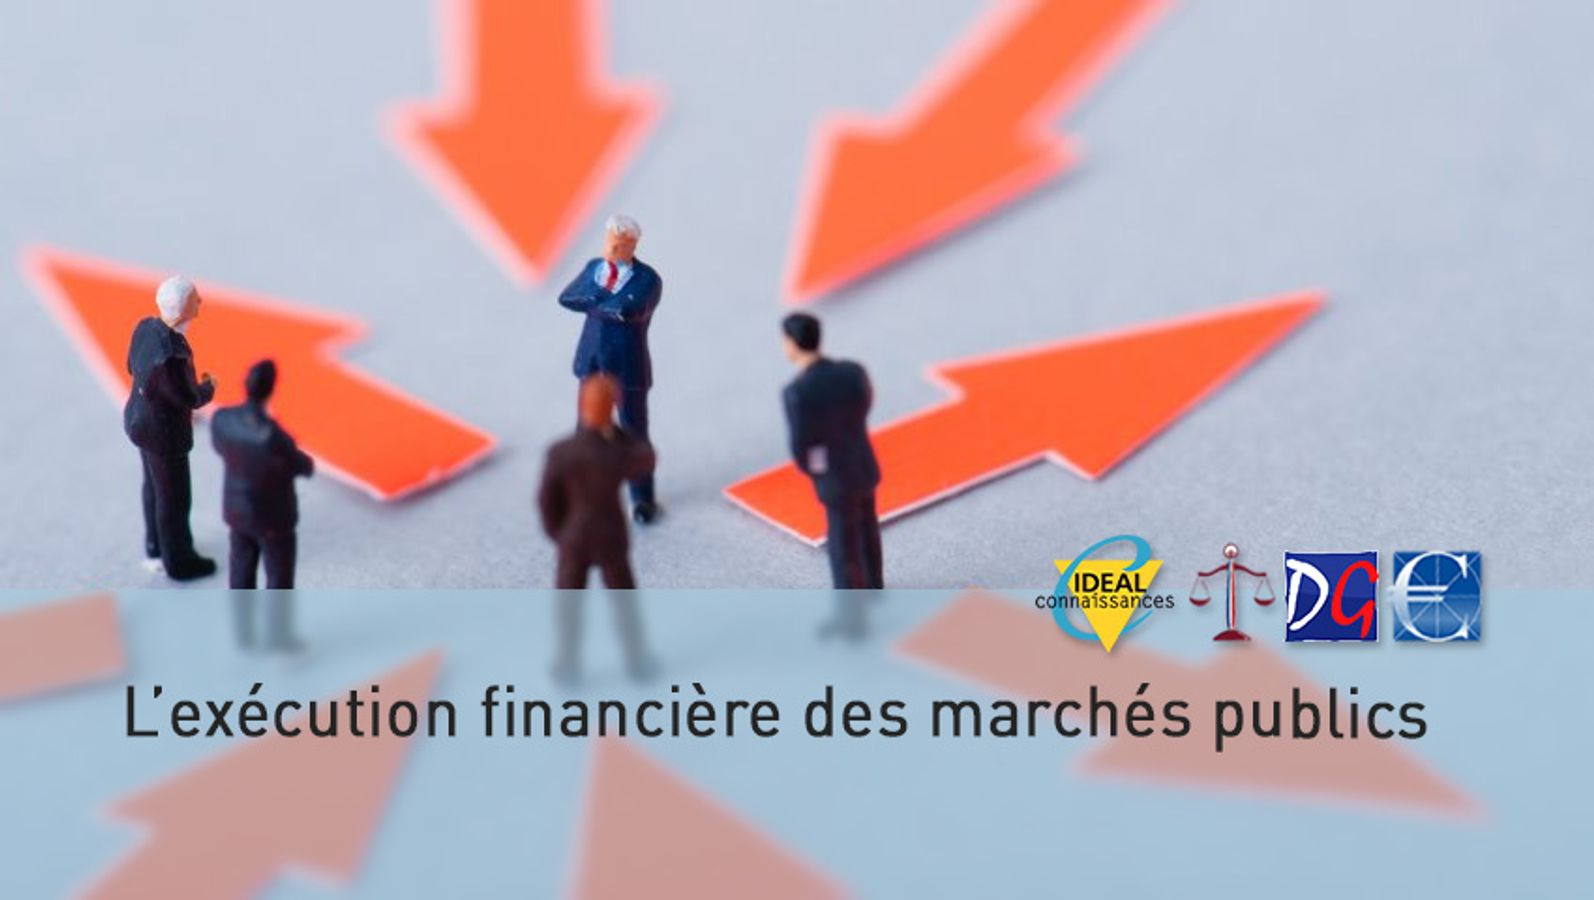 L'exécution financière des marchés publics